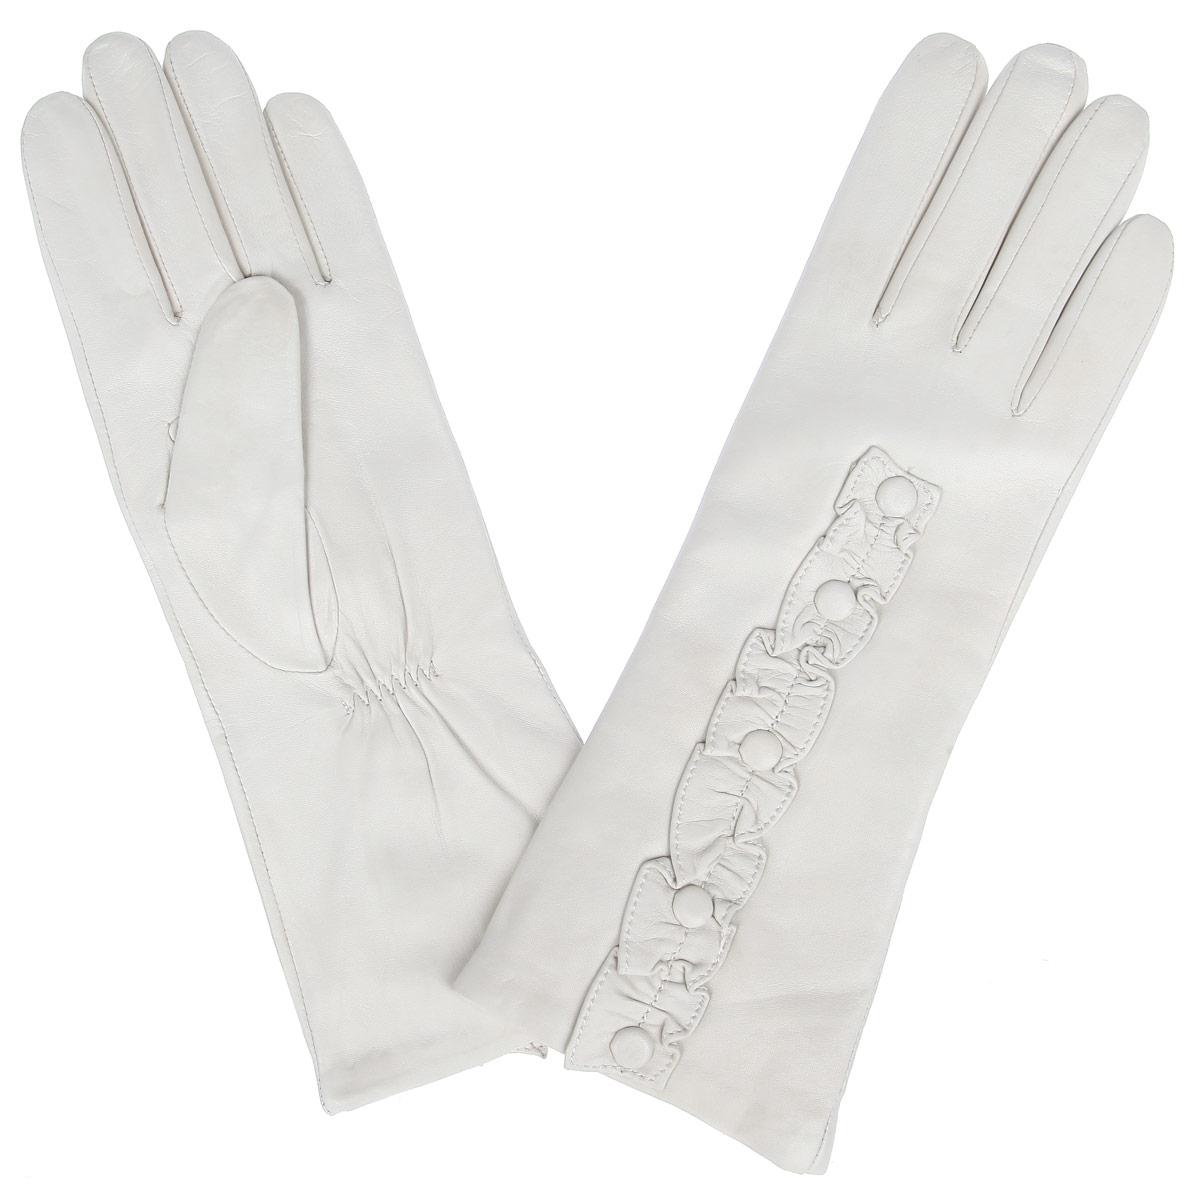 Перчатки женские. IS229IS229Стильные женские перчатки Eleganzza не только защитят ваши руки от холода, но и станут великолепным украшением. Перчатки выполнены из натуральной кожи с подкладкой из шерсти. Модель украшена декоративной отделкой из кожи. В настоящее время перчатки являются неотъемлемой частью одежды, вместе с этим аксессуаром вы обретаете женственность и элегантность. Перчатки станут завершающим и подчеркивающим элементом вашего стиля и неповторимости.